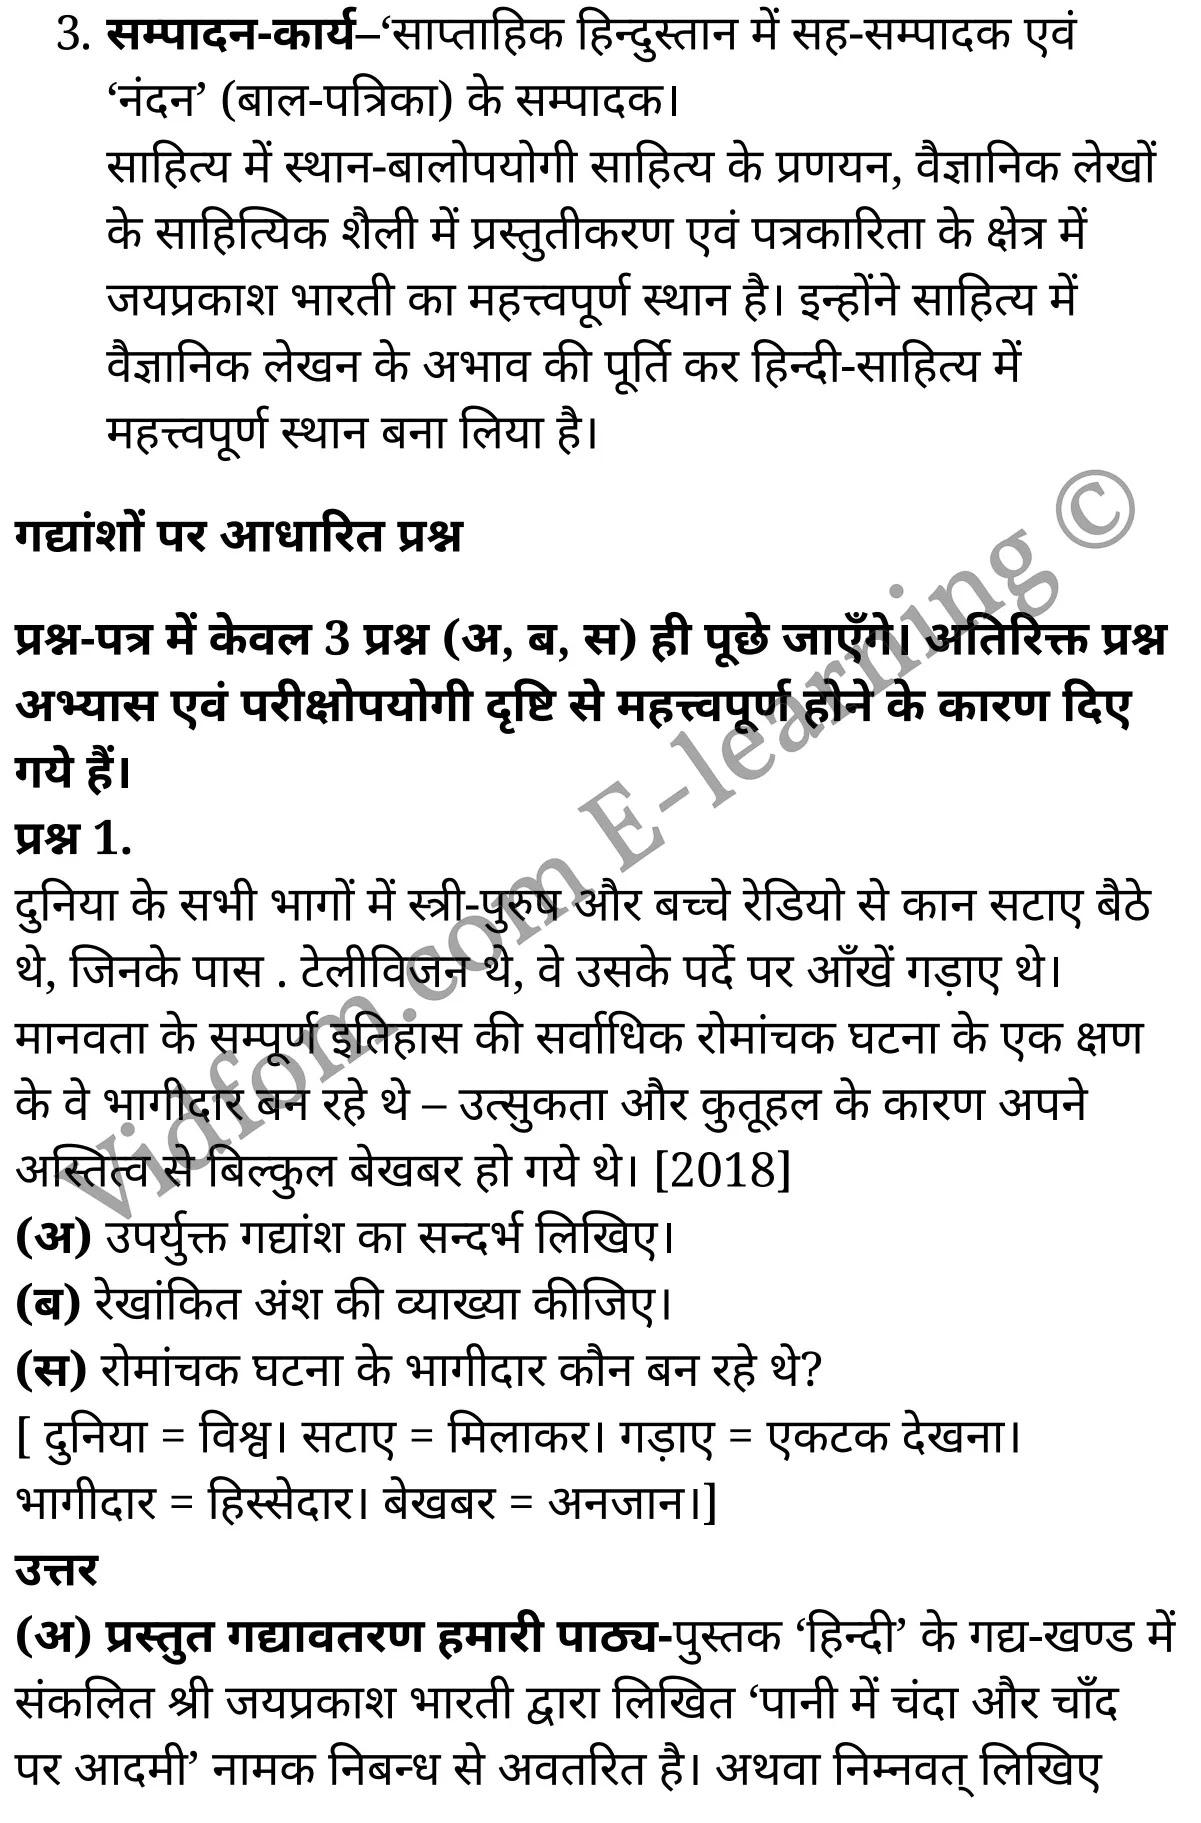 कक्षा 10 हिंदी  के नोट्स  हिंदी में एनसीईआरटी समाधान,     class 10 Hindi Gadya Chapter 7,   class 10 Hindi Gadya Chapter 7 ncert solutions in Hindi,   class 10 Hindi Gadya Chapter 7 notes in hindi,   class 10 Hindi Gadya Chapter 7 question answer,   class 10 Hindi Gadya Chapter 7 notes,   class 10 Hindi Gadya Chapter 7 class 10 Hindi Gadya Chapter 7 in  hindi,    class 10 Hindi Gadya Chapter 7 important questions in  hindi,   class 10 Hindi Gadya Chapter 7 notes in hindi,    class 10 Hindi Gadya Chapter 7 test,   class 10 Hindi Gadya Chapter 7 pdf,   class 10 Hindi Gadya Chapter 7 notes pdf,   class 10 Hindi Gadya Chapter 7 exercise solutions,   class 10 Hindi Gadya Chapter 7 notes study rankers,   class 10 Hindi Gadya Chapter 7 notes,    class 10 Hindi Gadya Chapter 7  class 10  notes pdf,   class 10 Hindi Gadya Chapter 7 class 10  notes  ncert,   class 10 Hindi Gadya Chapter 7 class 10 pdf,   class 10 Hindi Gadya Chapter 7  book,   class 10 Hindi Gadya Chapter 7 quiz class 10  ,   कक्षा 10 पानी में चंदा और चाँद पर आदमी,  कक्षा 10 पानी में चंदा और चाँद पर आदमी  के नोट्स हिंदी में,  कक्षा 10 पानी में चंदा और चाँद पर आदमी प्रश्न उत्तर,  कक्षा 10 पानी में चंदा और चाँद पर आदमी के नोट्स,  10 कक्षा पानी में चंदा और चाँद पर आदमी  हिंदी में, कक्षा 10 पानी में चंदा और चाँद पर आदमी  हिंदी में,  कक्षा 10 पानी में चंदा और चाँद पर आदमी  महत्वपूर्ण प्रश्न हिंदी में, कक्षा 10 हिंदी के नोट्स  हिंदी में, पानी में चंदा और चाँद पर आदमी हिंदी में कक्षा 10 नोट्स pdf,    पानी में चंदा और चाँद पर आदमी हिंदी में  कक्षा 10 नोट्स 2021 ncert,   पानी में चंदा और चाँद पर आदमी हिंदी  कक्षा 10 pdf,   पानी में चंदा और चाँद पर आदमी हिंदी में  पुस्तक,   पानी में चंदा और चाँद पर आदमी हिंदी में की बुक,   पानी में चंदा और चाँद पर आदमी हिंदी में  प्रश्नोत्तरी class 10 ,  10   वीं पानी में चंदा और चाँद पर आदमी  पुस्तक up board,   बिहार बोर्ड 10  पुस्तक वीं पानी में चंदा और चाँद पर आदमी नोट्स,    पानी में चंदा और चाँद पर आदमी  कक्षा 10 नोट्स 2021 ncert,   पानी में चंदा और चाँद पर आदमी  कक्षा 10 pdf,   पा